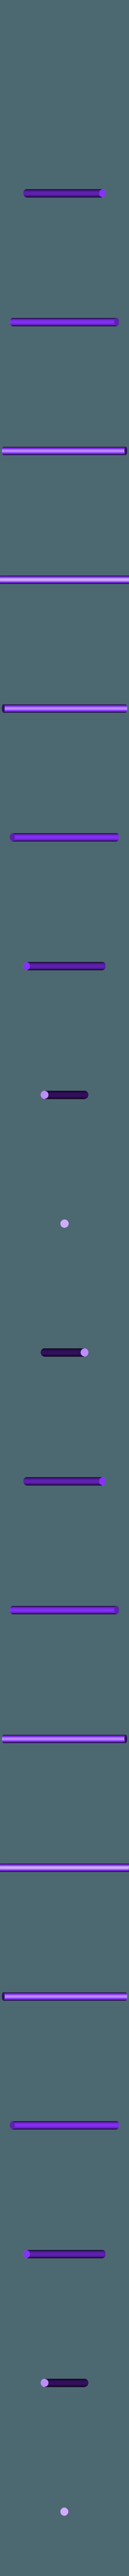 axle_4_5.STL Télécharger fichier STL gratuit MEGA Expansion 200+ Pièces • Plan à imprimer en 3D, Pwentey